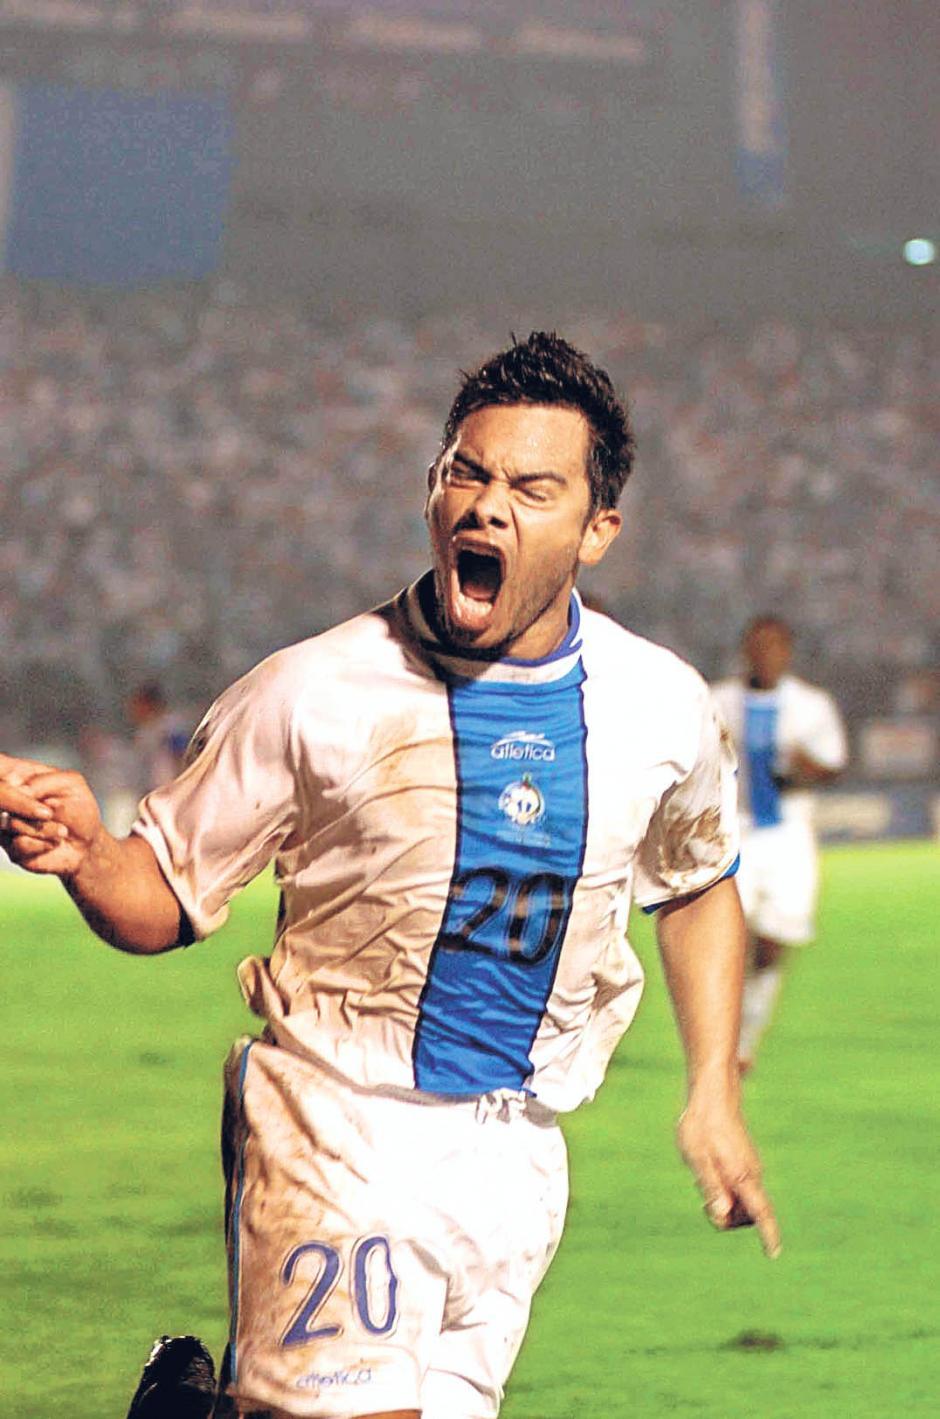 """El """"Pescado"""" Ruiz ha jugado cinco eliminatorias, rumbo a Alemania 2006 comandó el ataque de la Bicolor que estuvo cerca de la histórica clasificación.(Foto: Archivo Nuestro Diario)"""